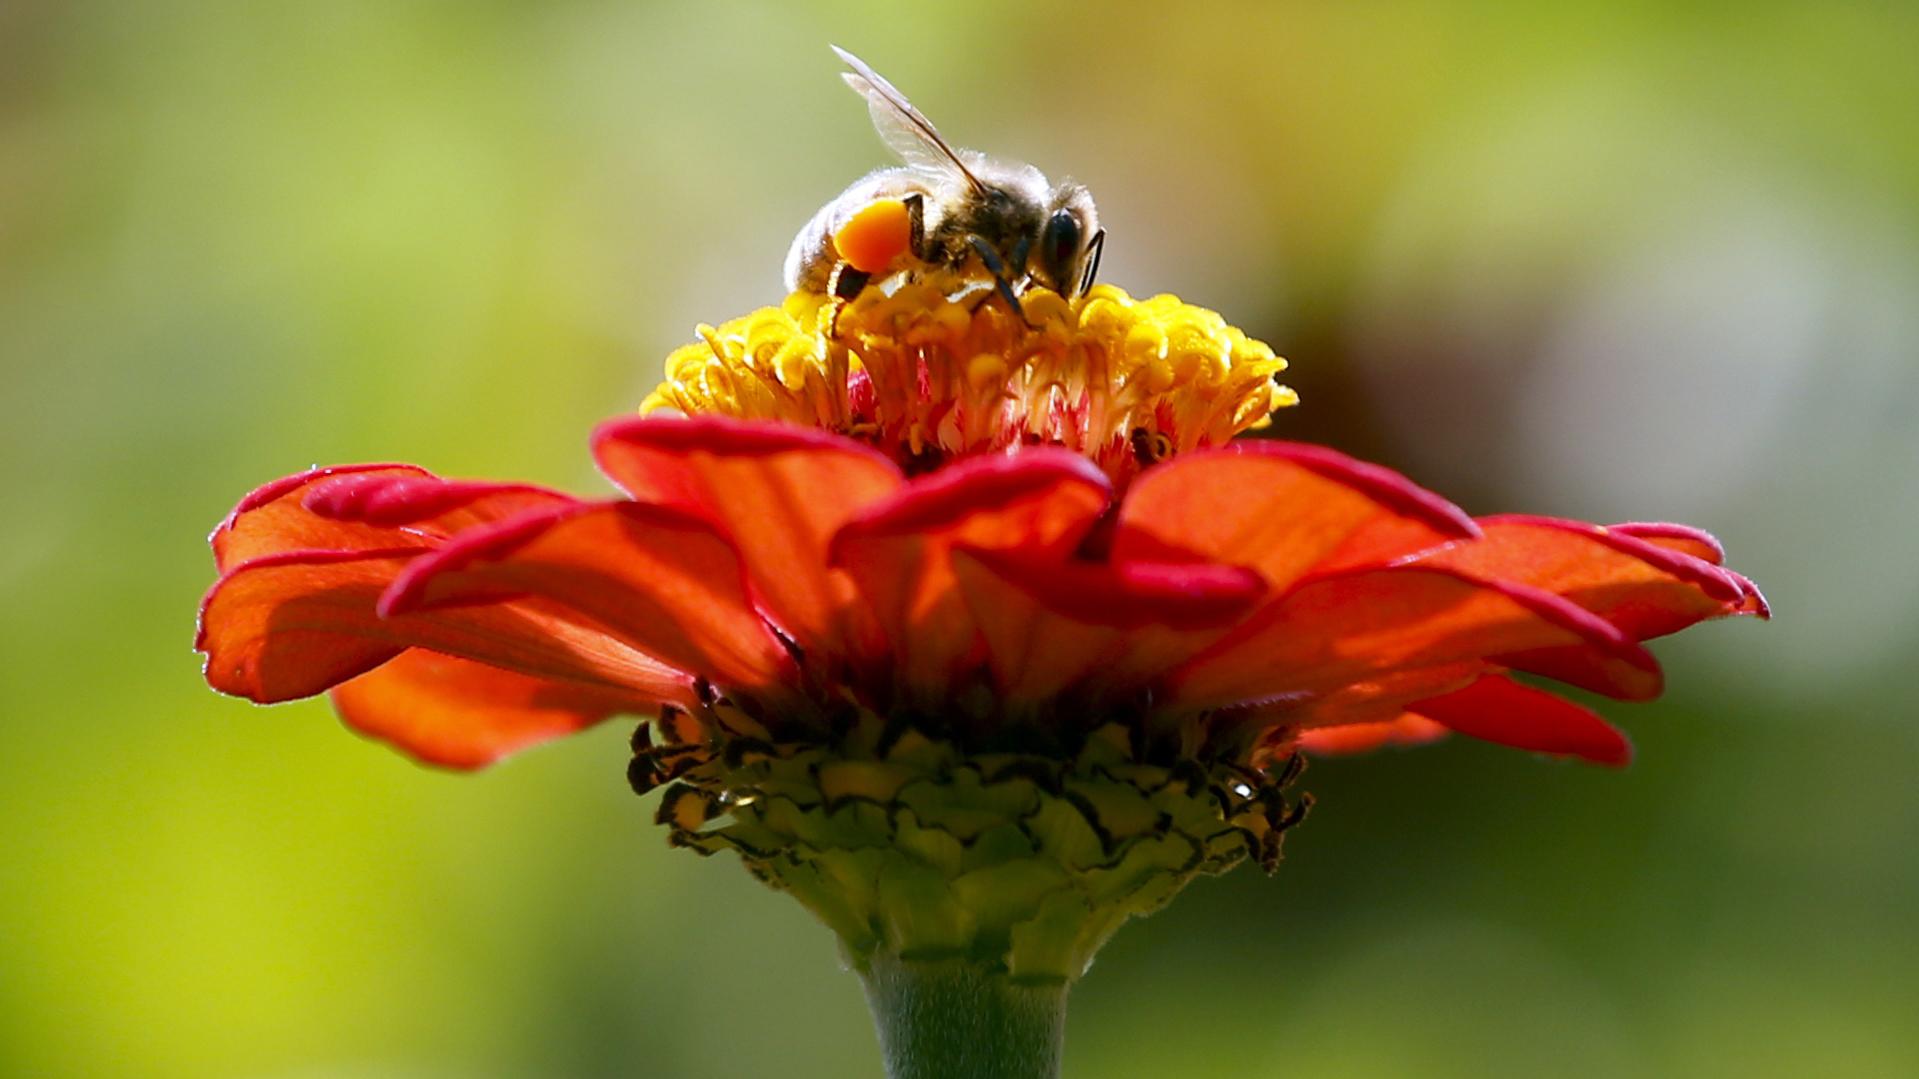 Honeybee (AP Photo/Mike Groll, File)